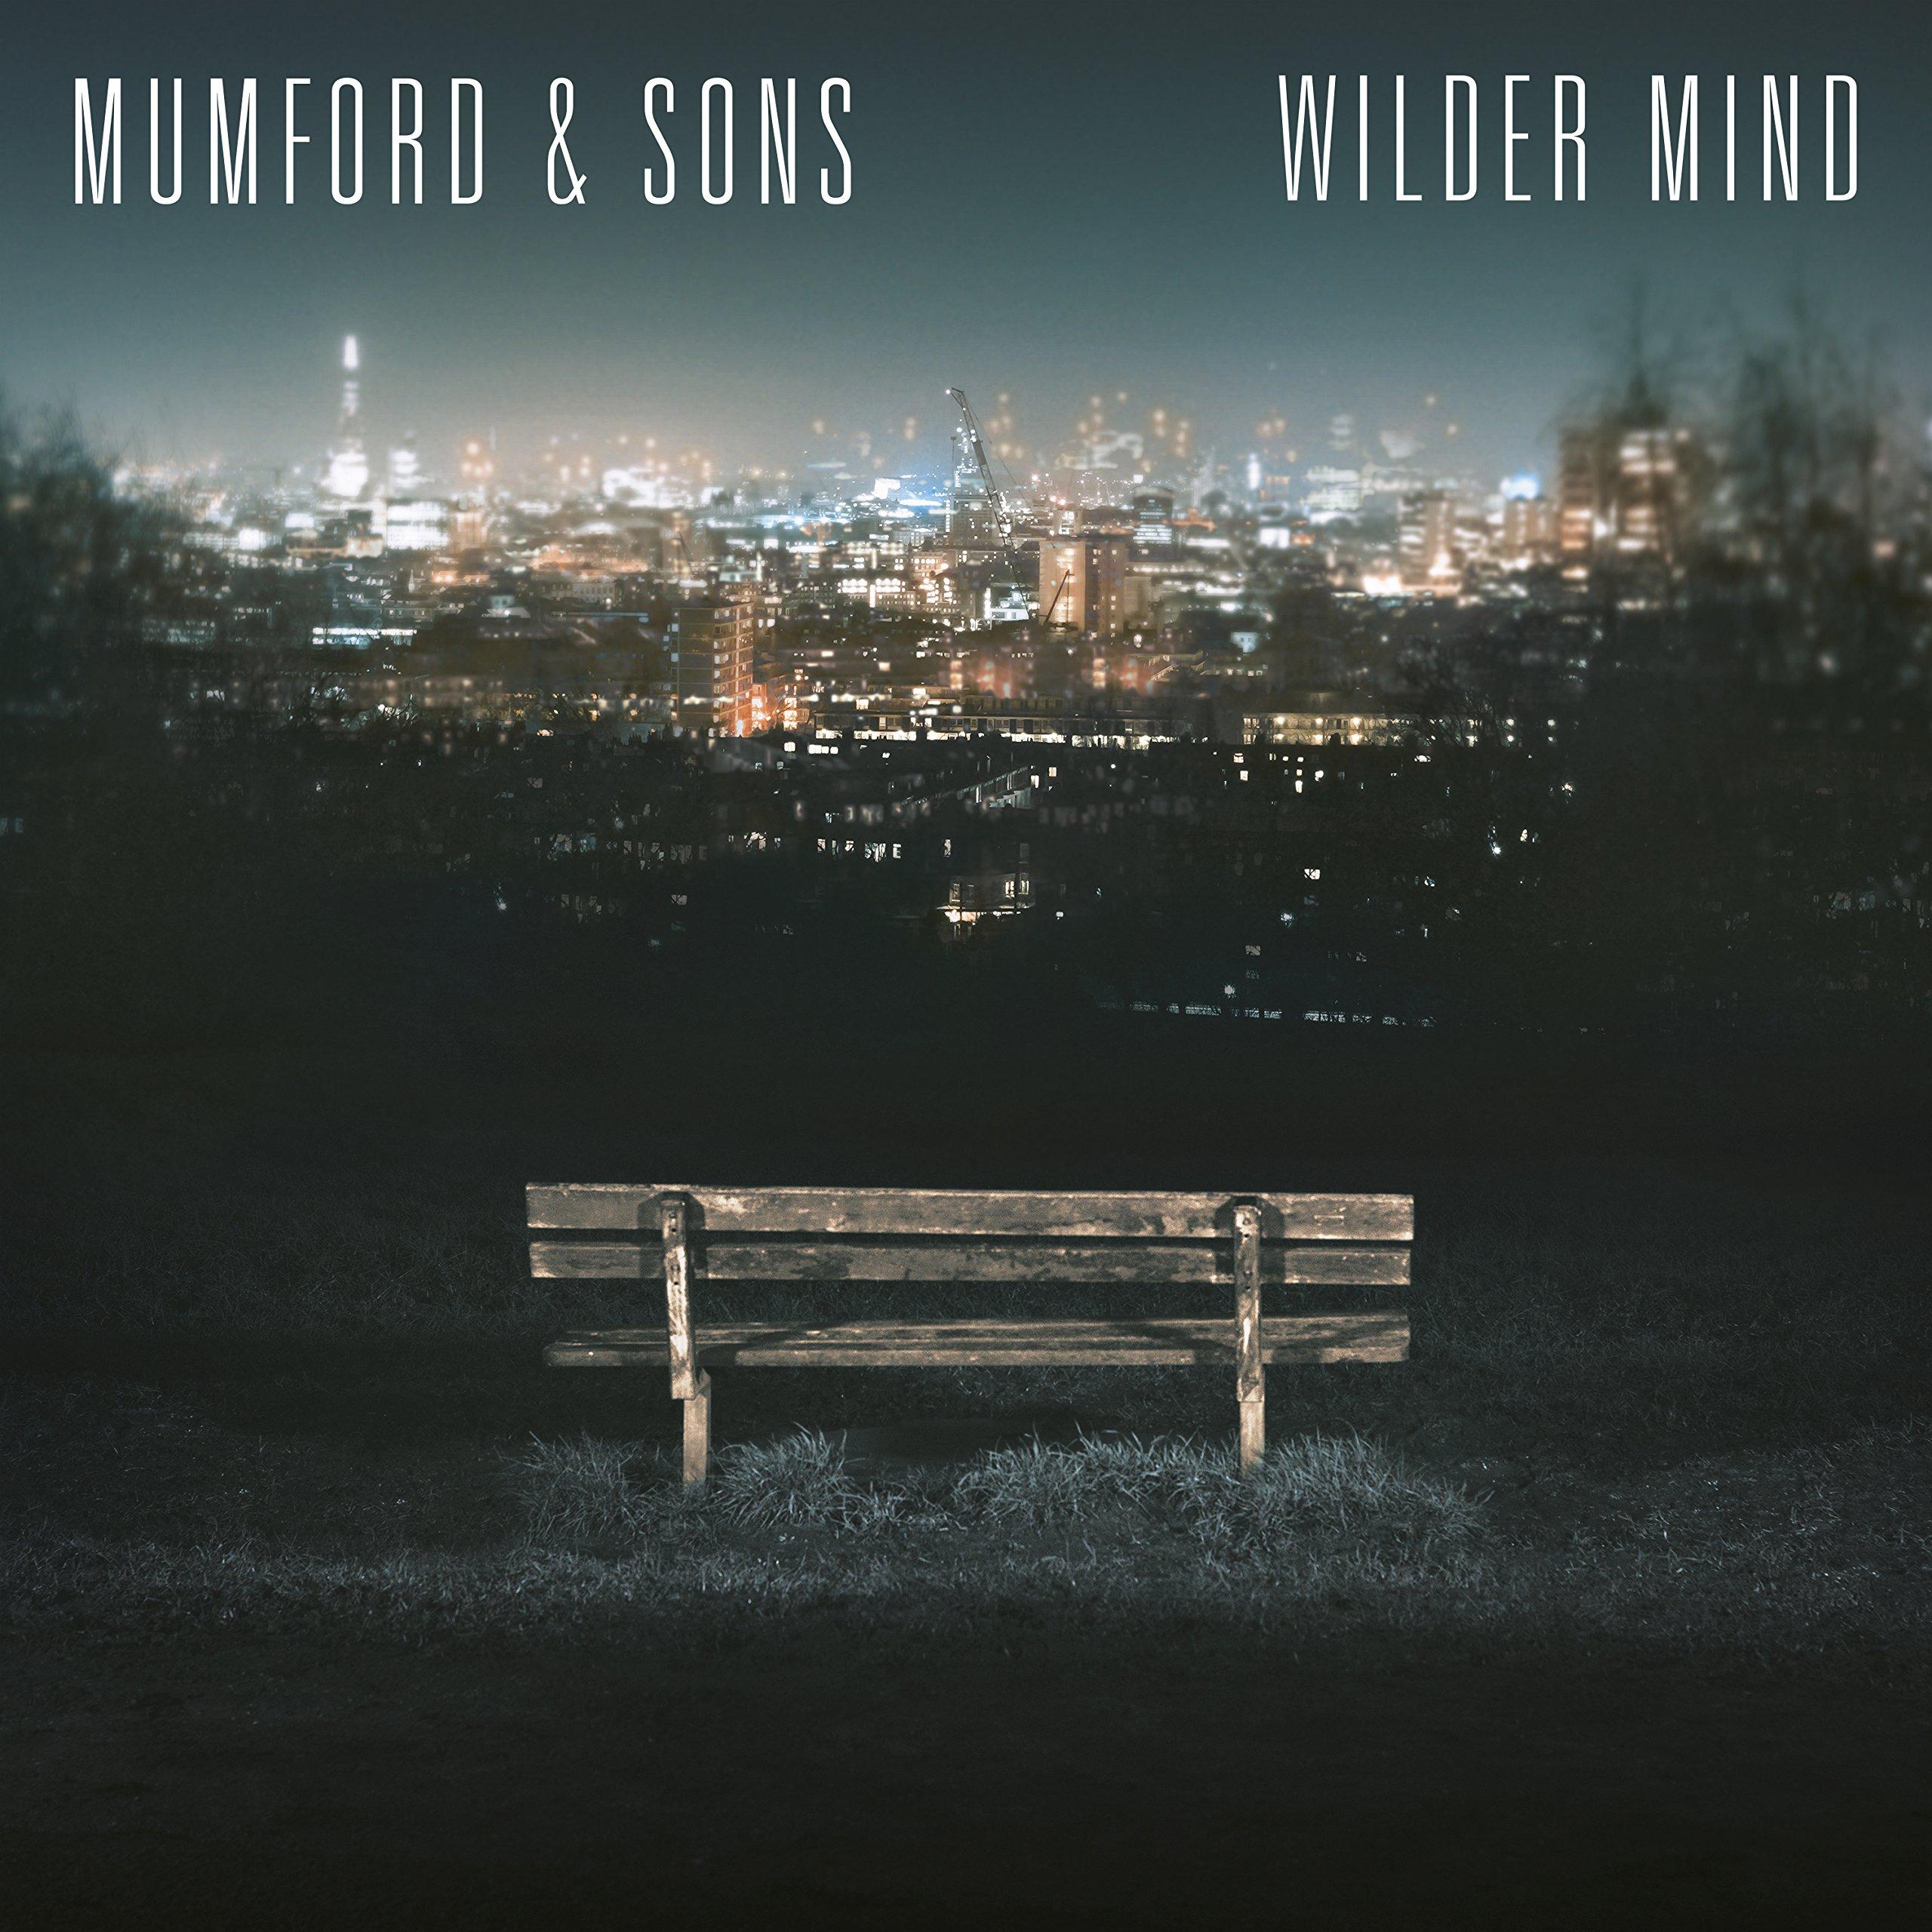 CD : Mumford & Sons - Wilder Mind (CD)